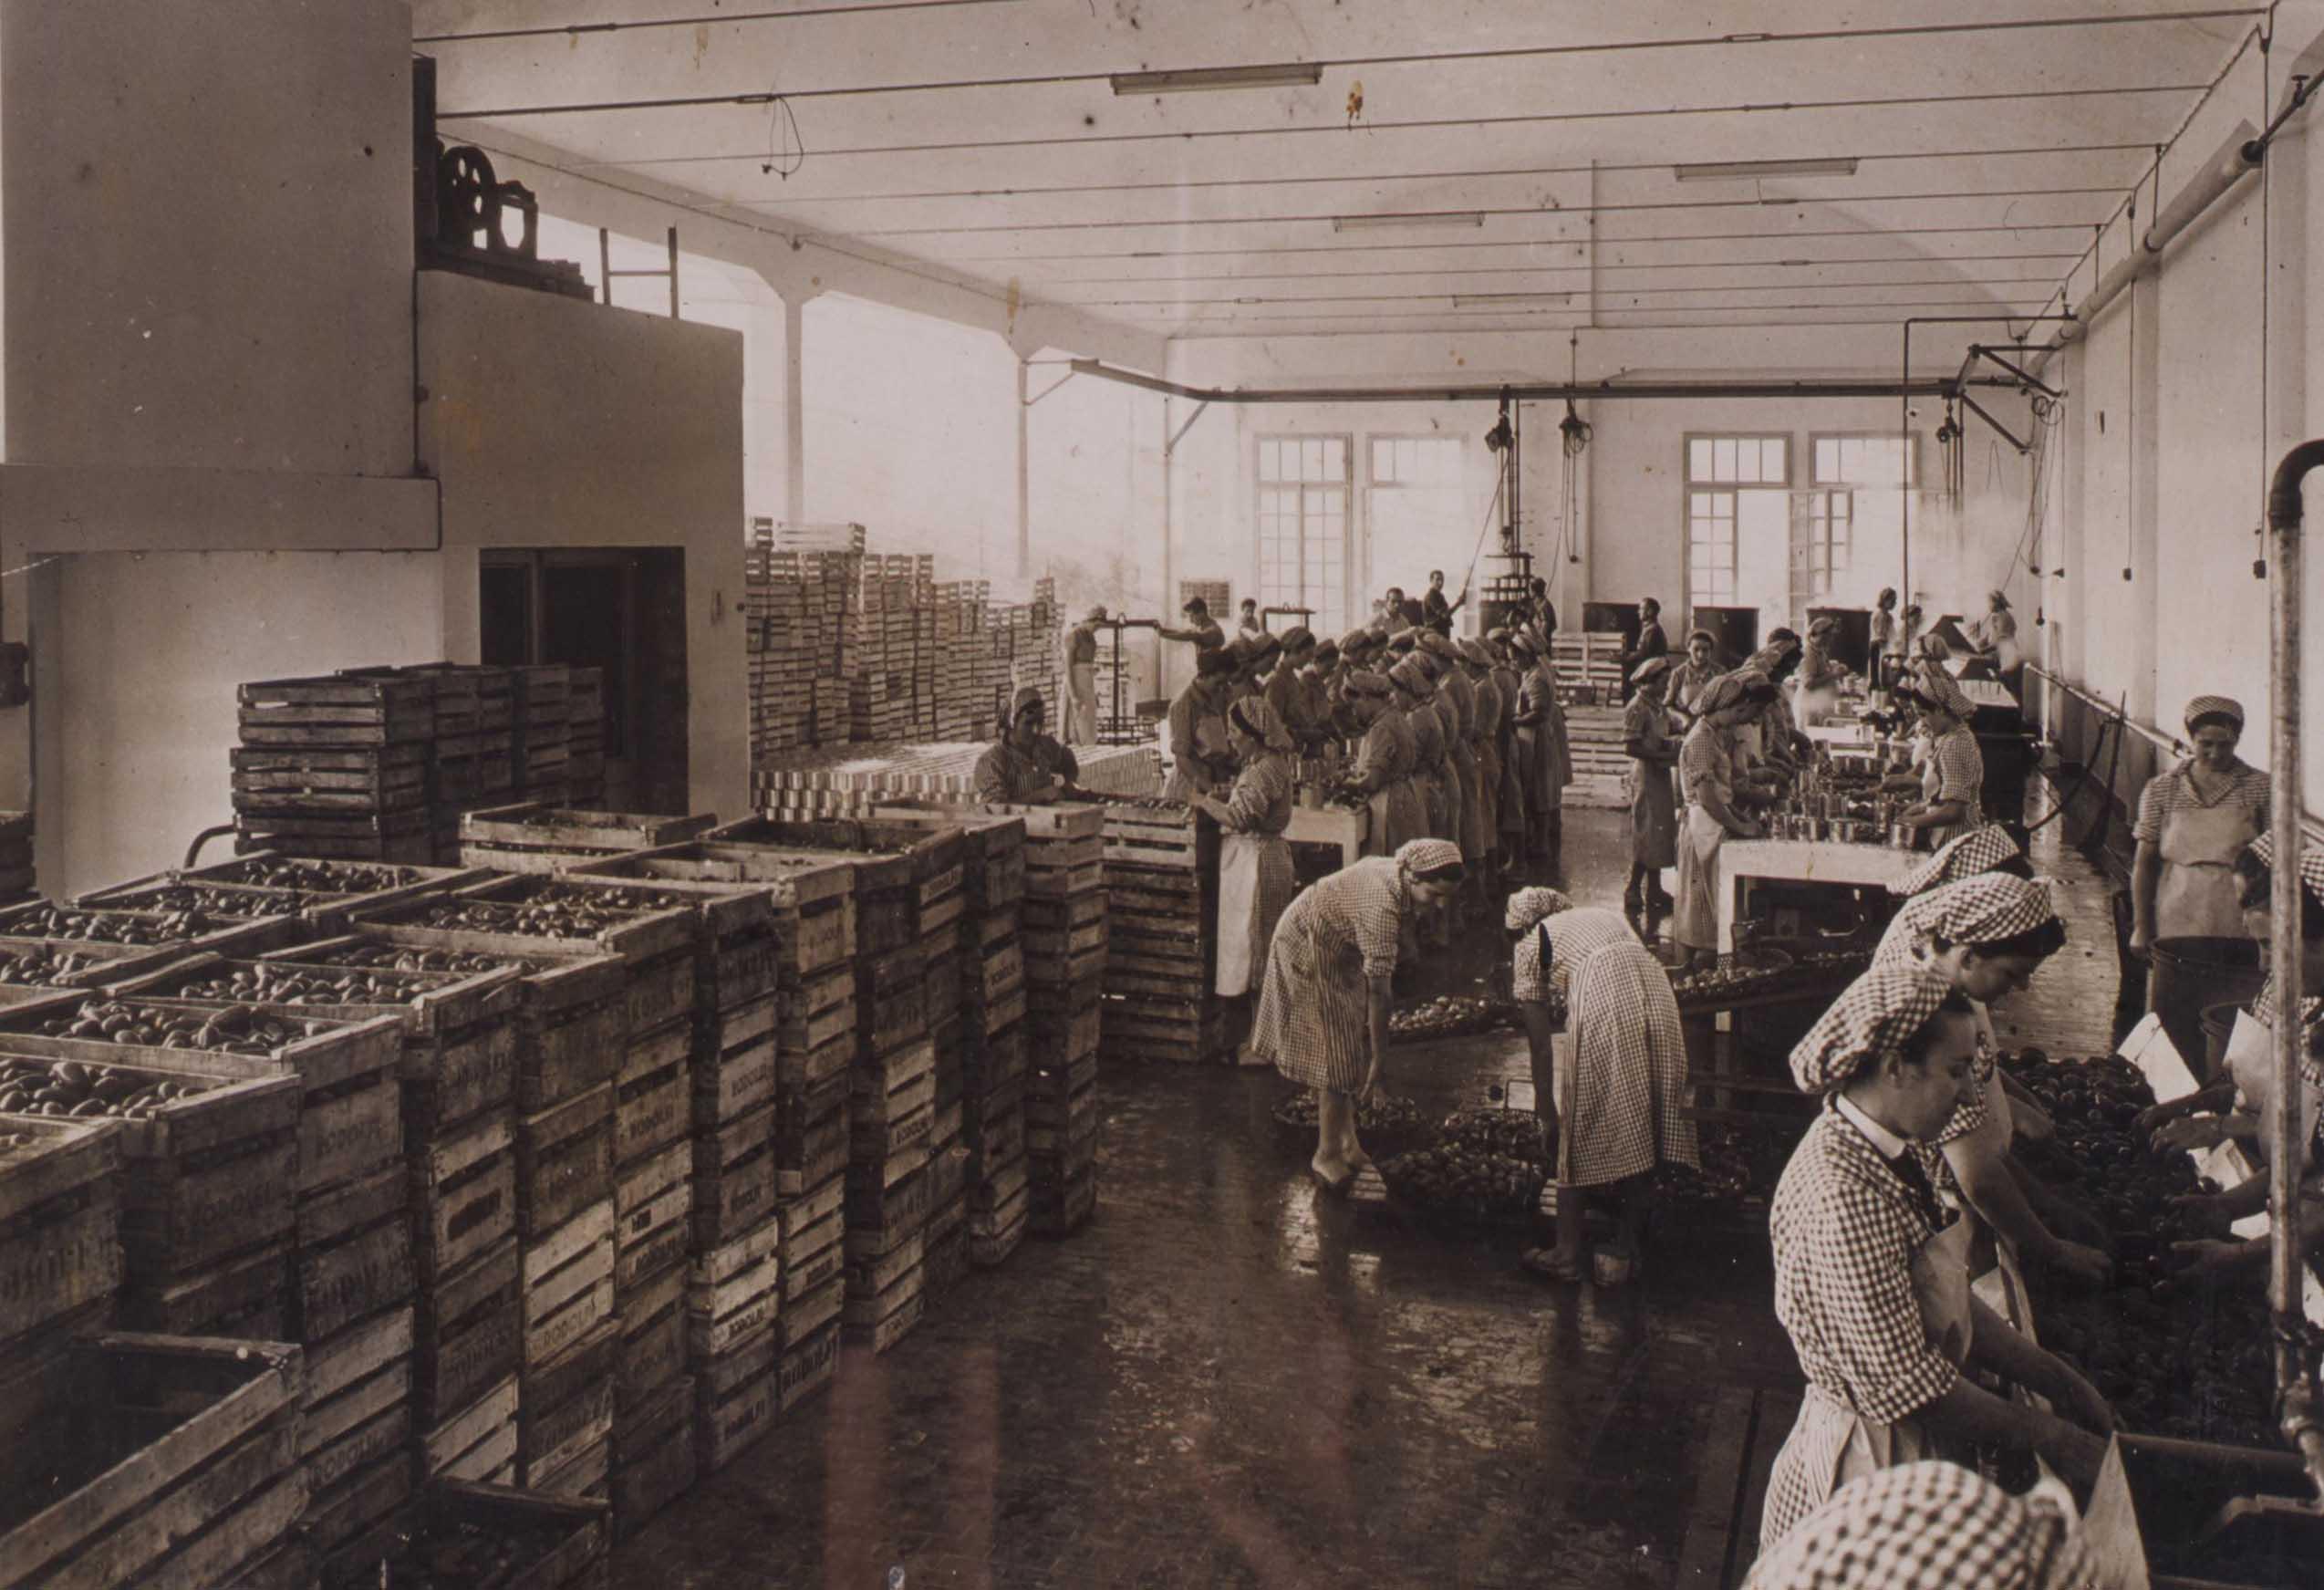 Stabilimento Rodolfi mansueto: lavaggio e cernita negli anni Sessanta del Novecento